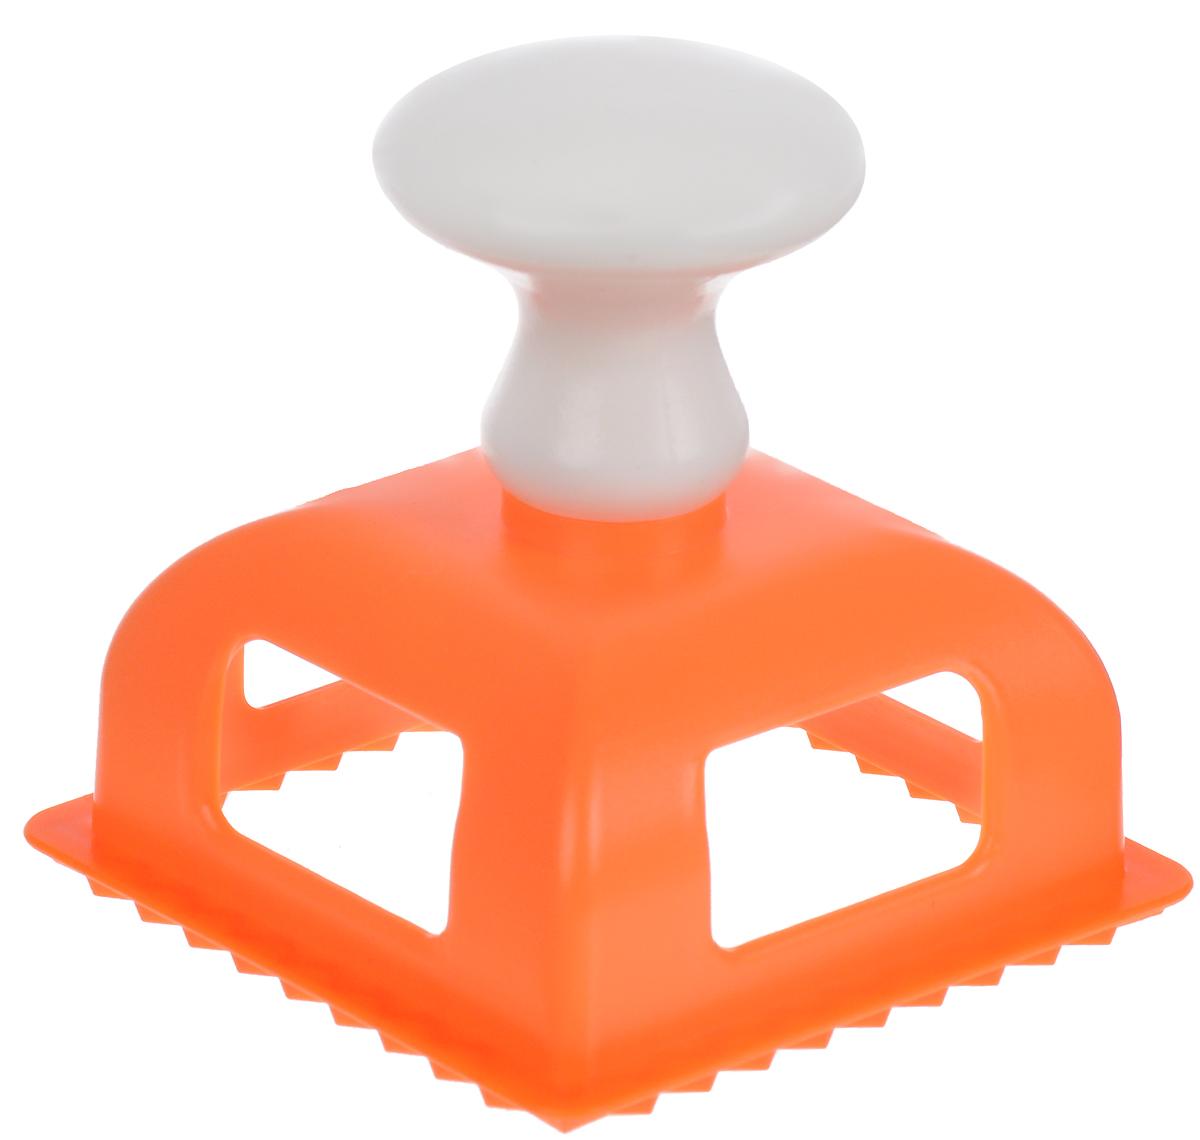 Форма для пельменей Мультидом Квадрат, цвет: оранжевый, 7 x 7 см форма для пельменей мультидом квадрат цвет желтый